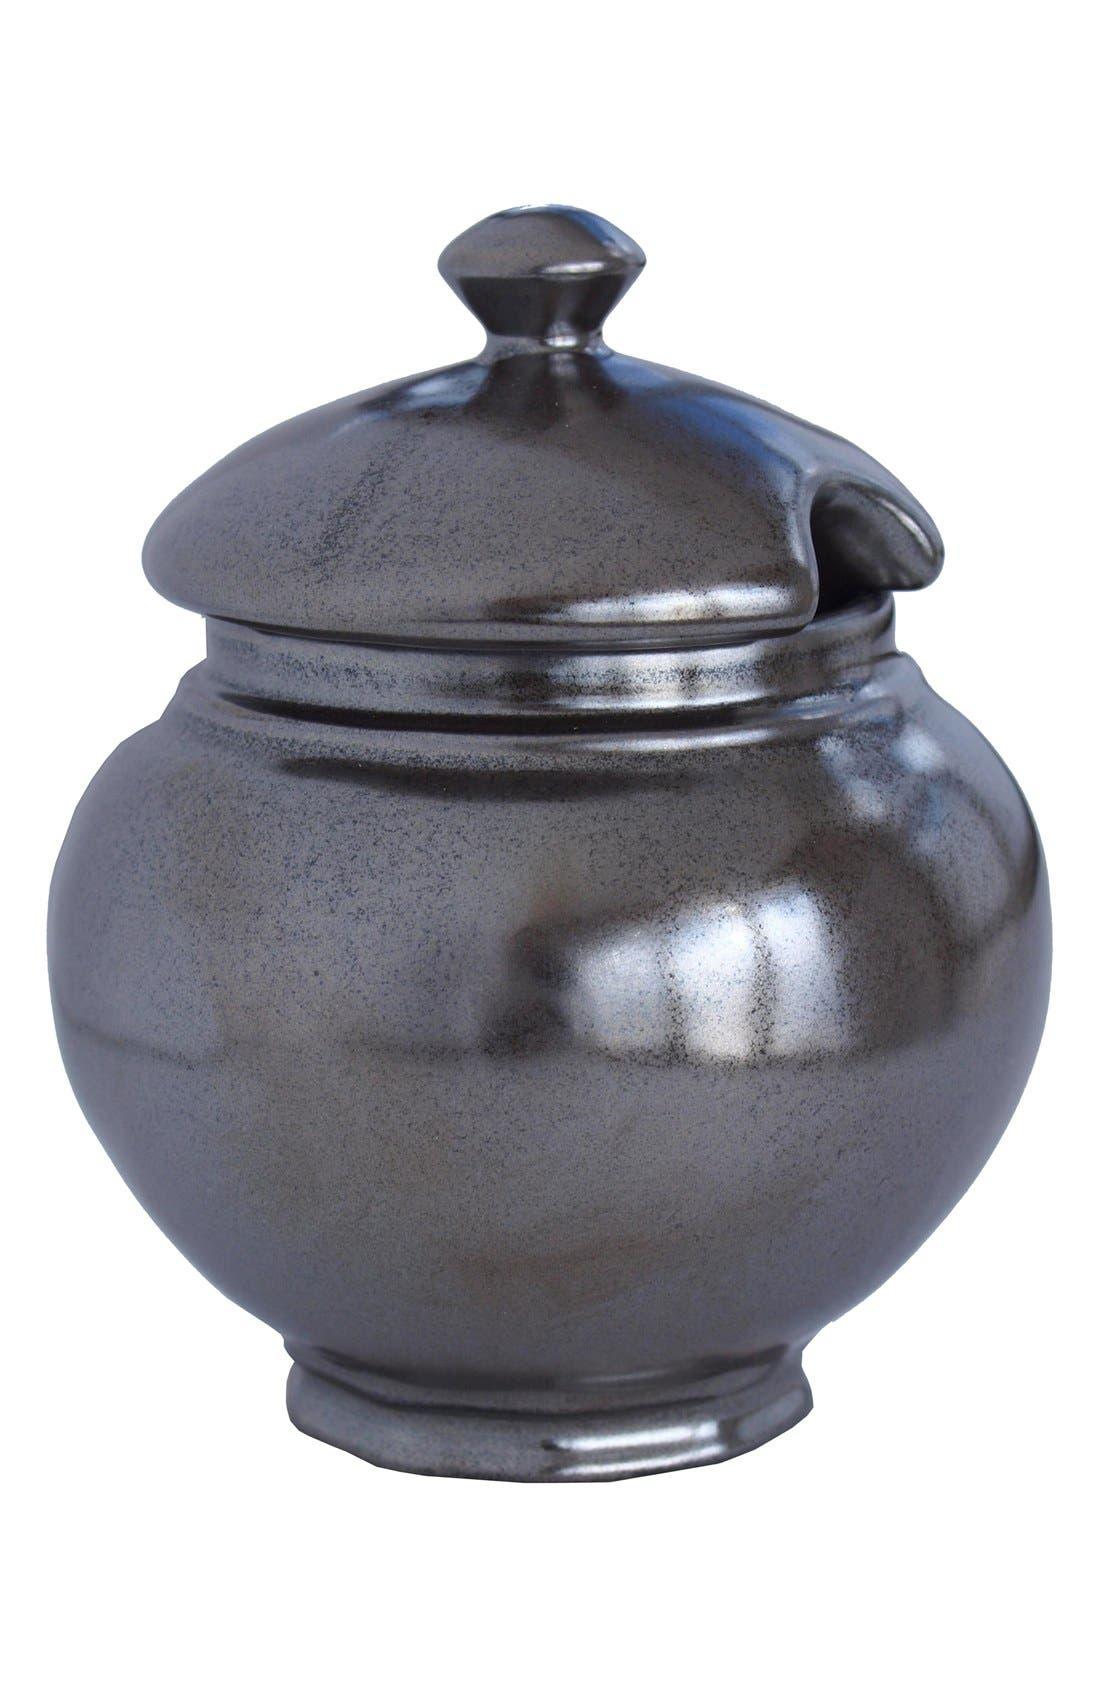 Alternate Image 1 Selected - Juliska'Pewter' Stoneware Sugar Bowl